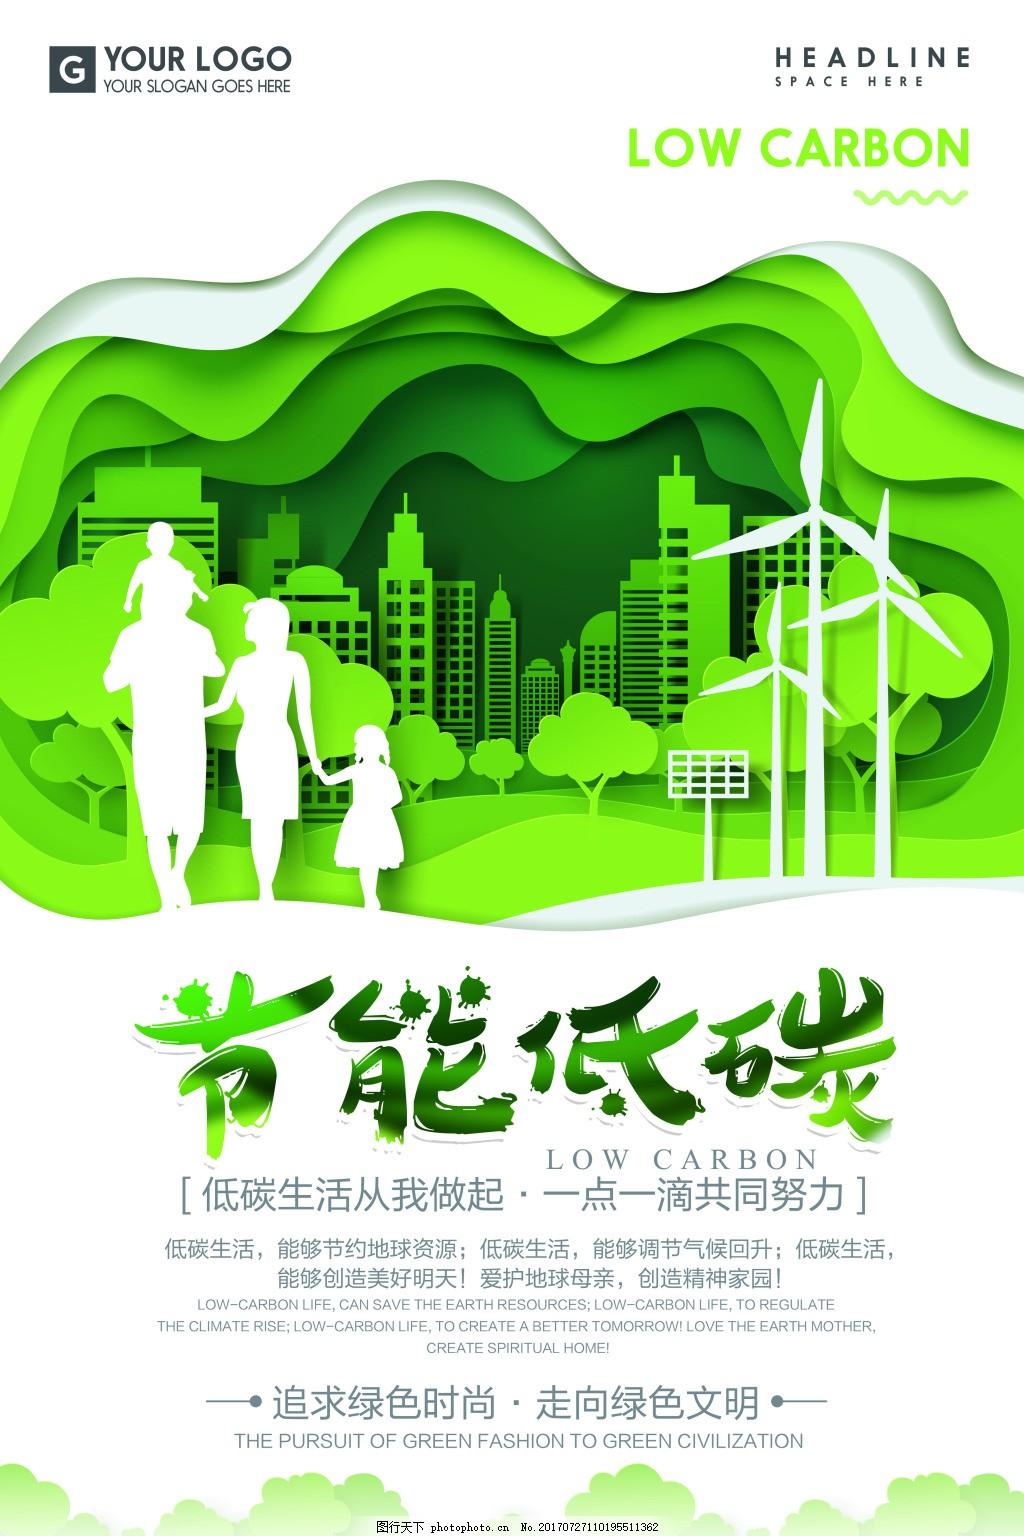 节能低碳 低碳环保 低碳绿色 低碳出行 低碳生活 低碳节能 低碳生活环保